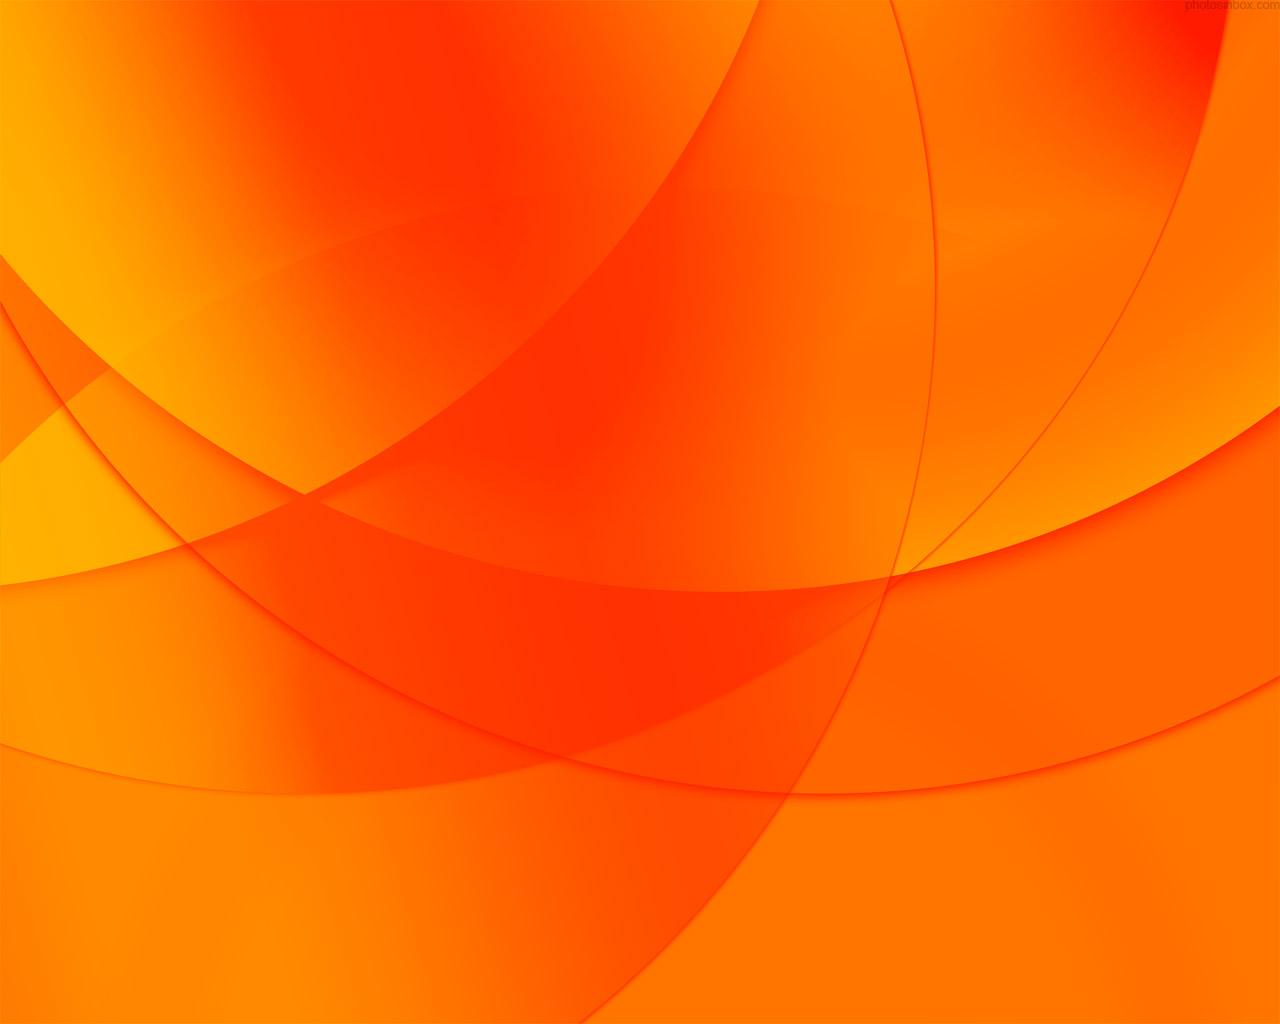 Orange Background Related Keywords amp Suggestions   Orange 1280x1024